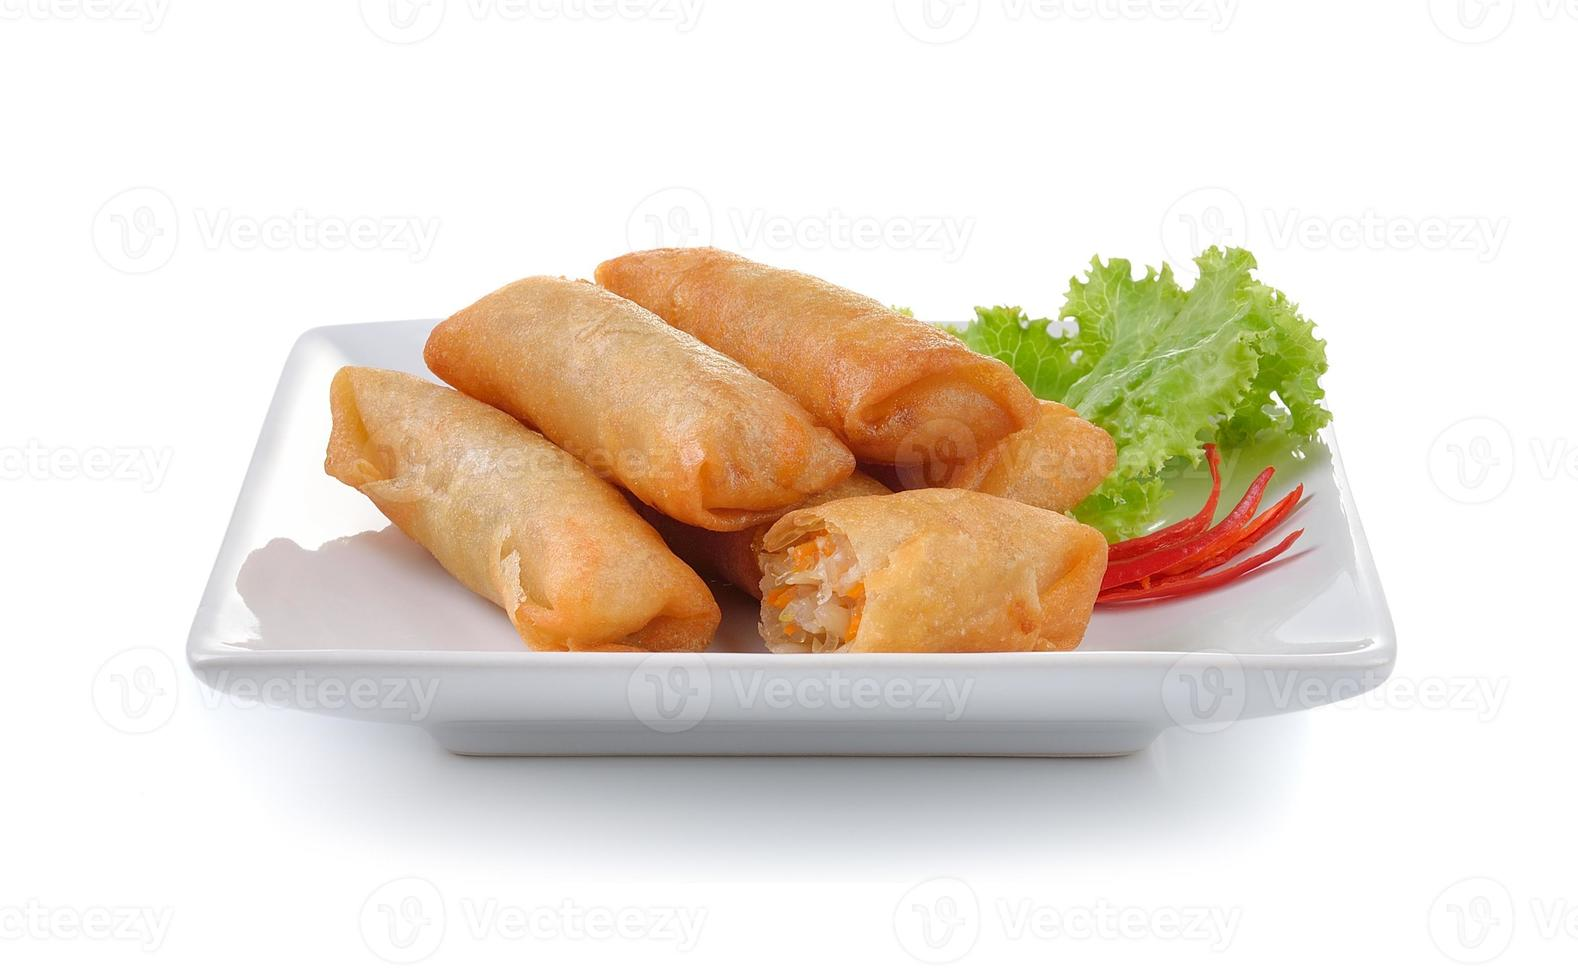 rollito de primavera chino frito para aperitivo foto